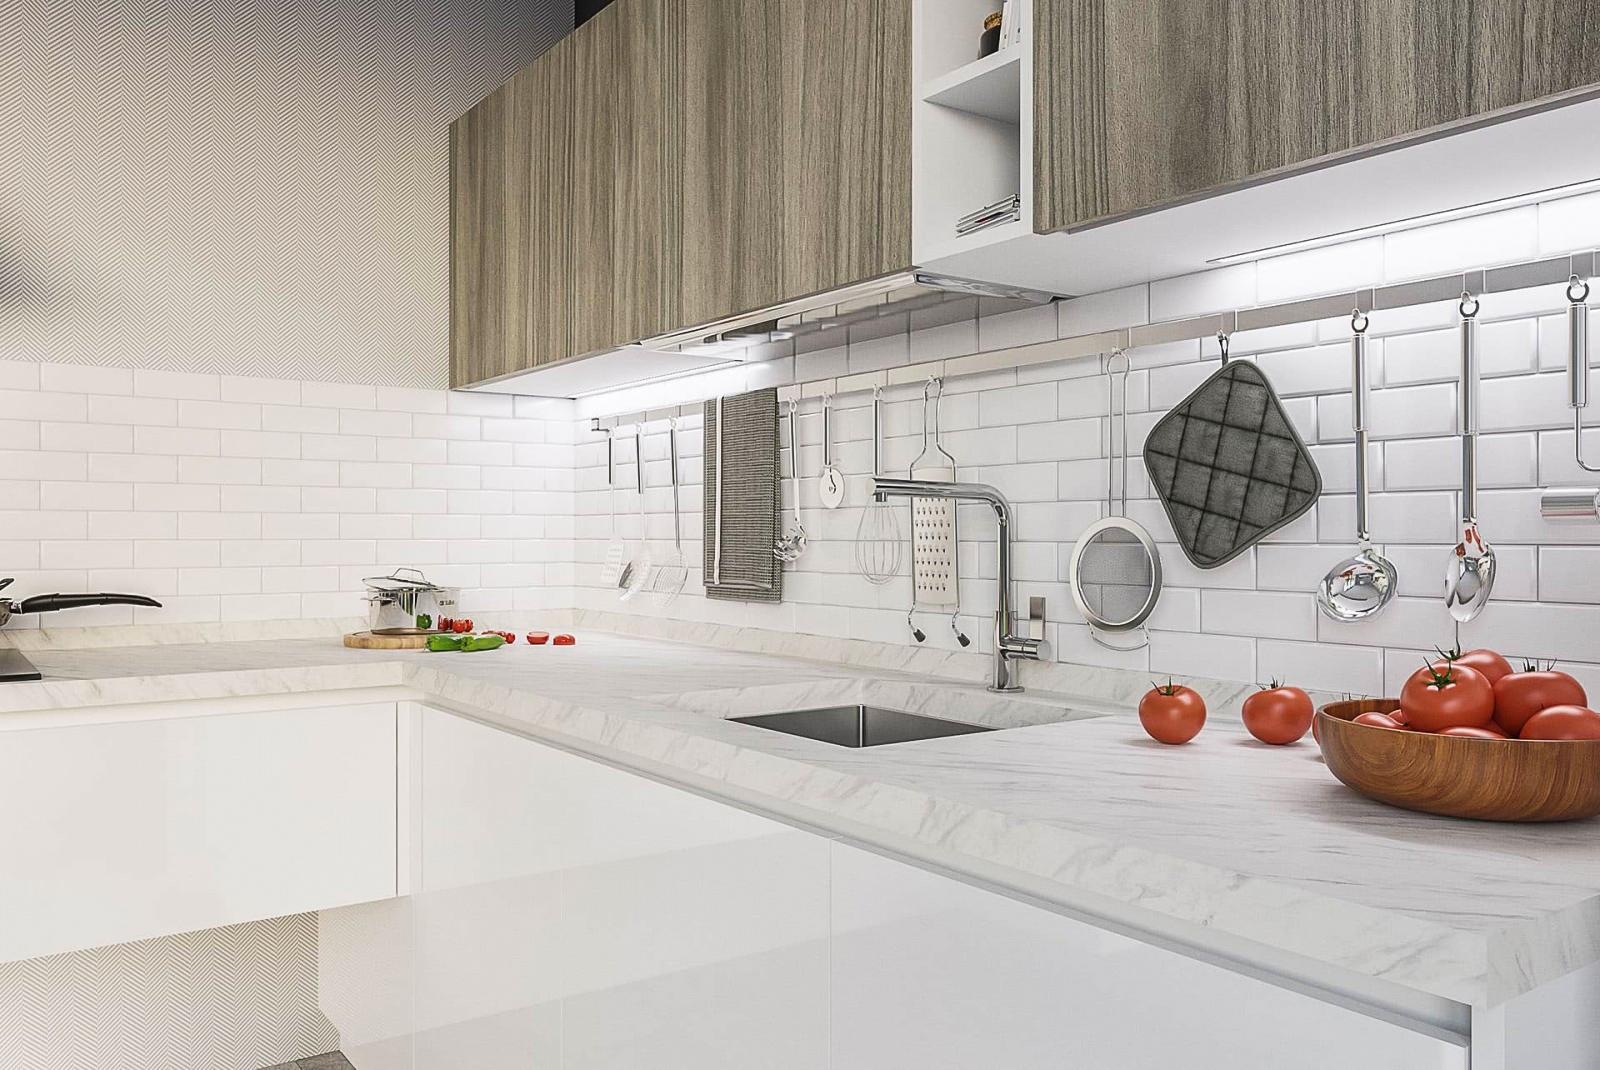 winkelküche einbauküche küche weiß braun